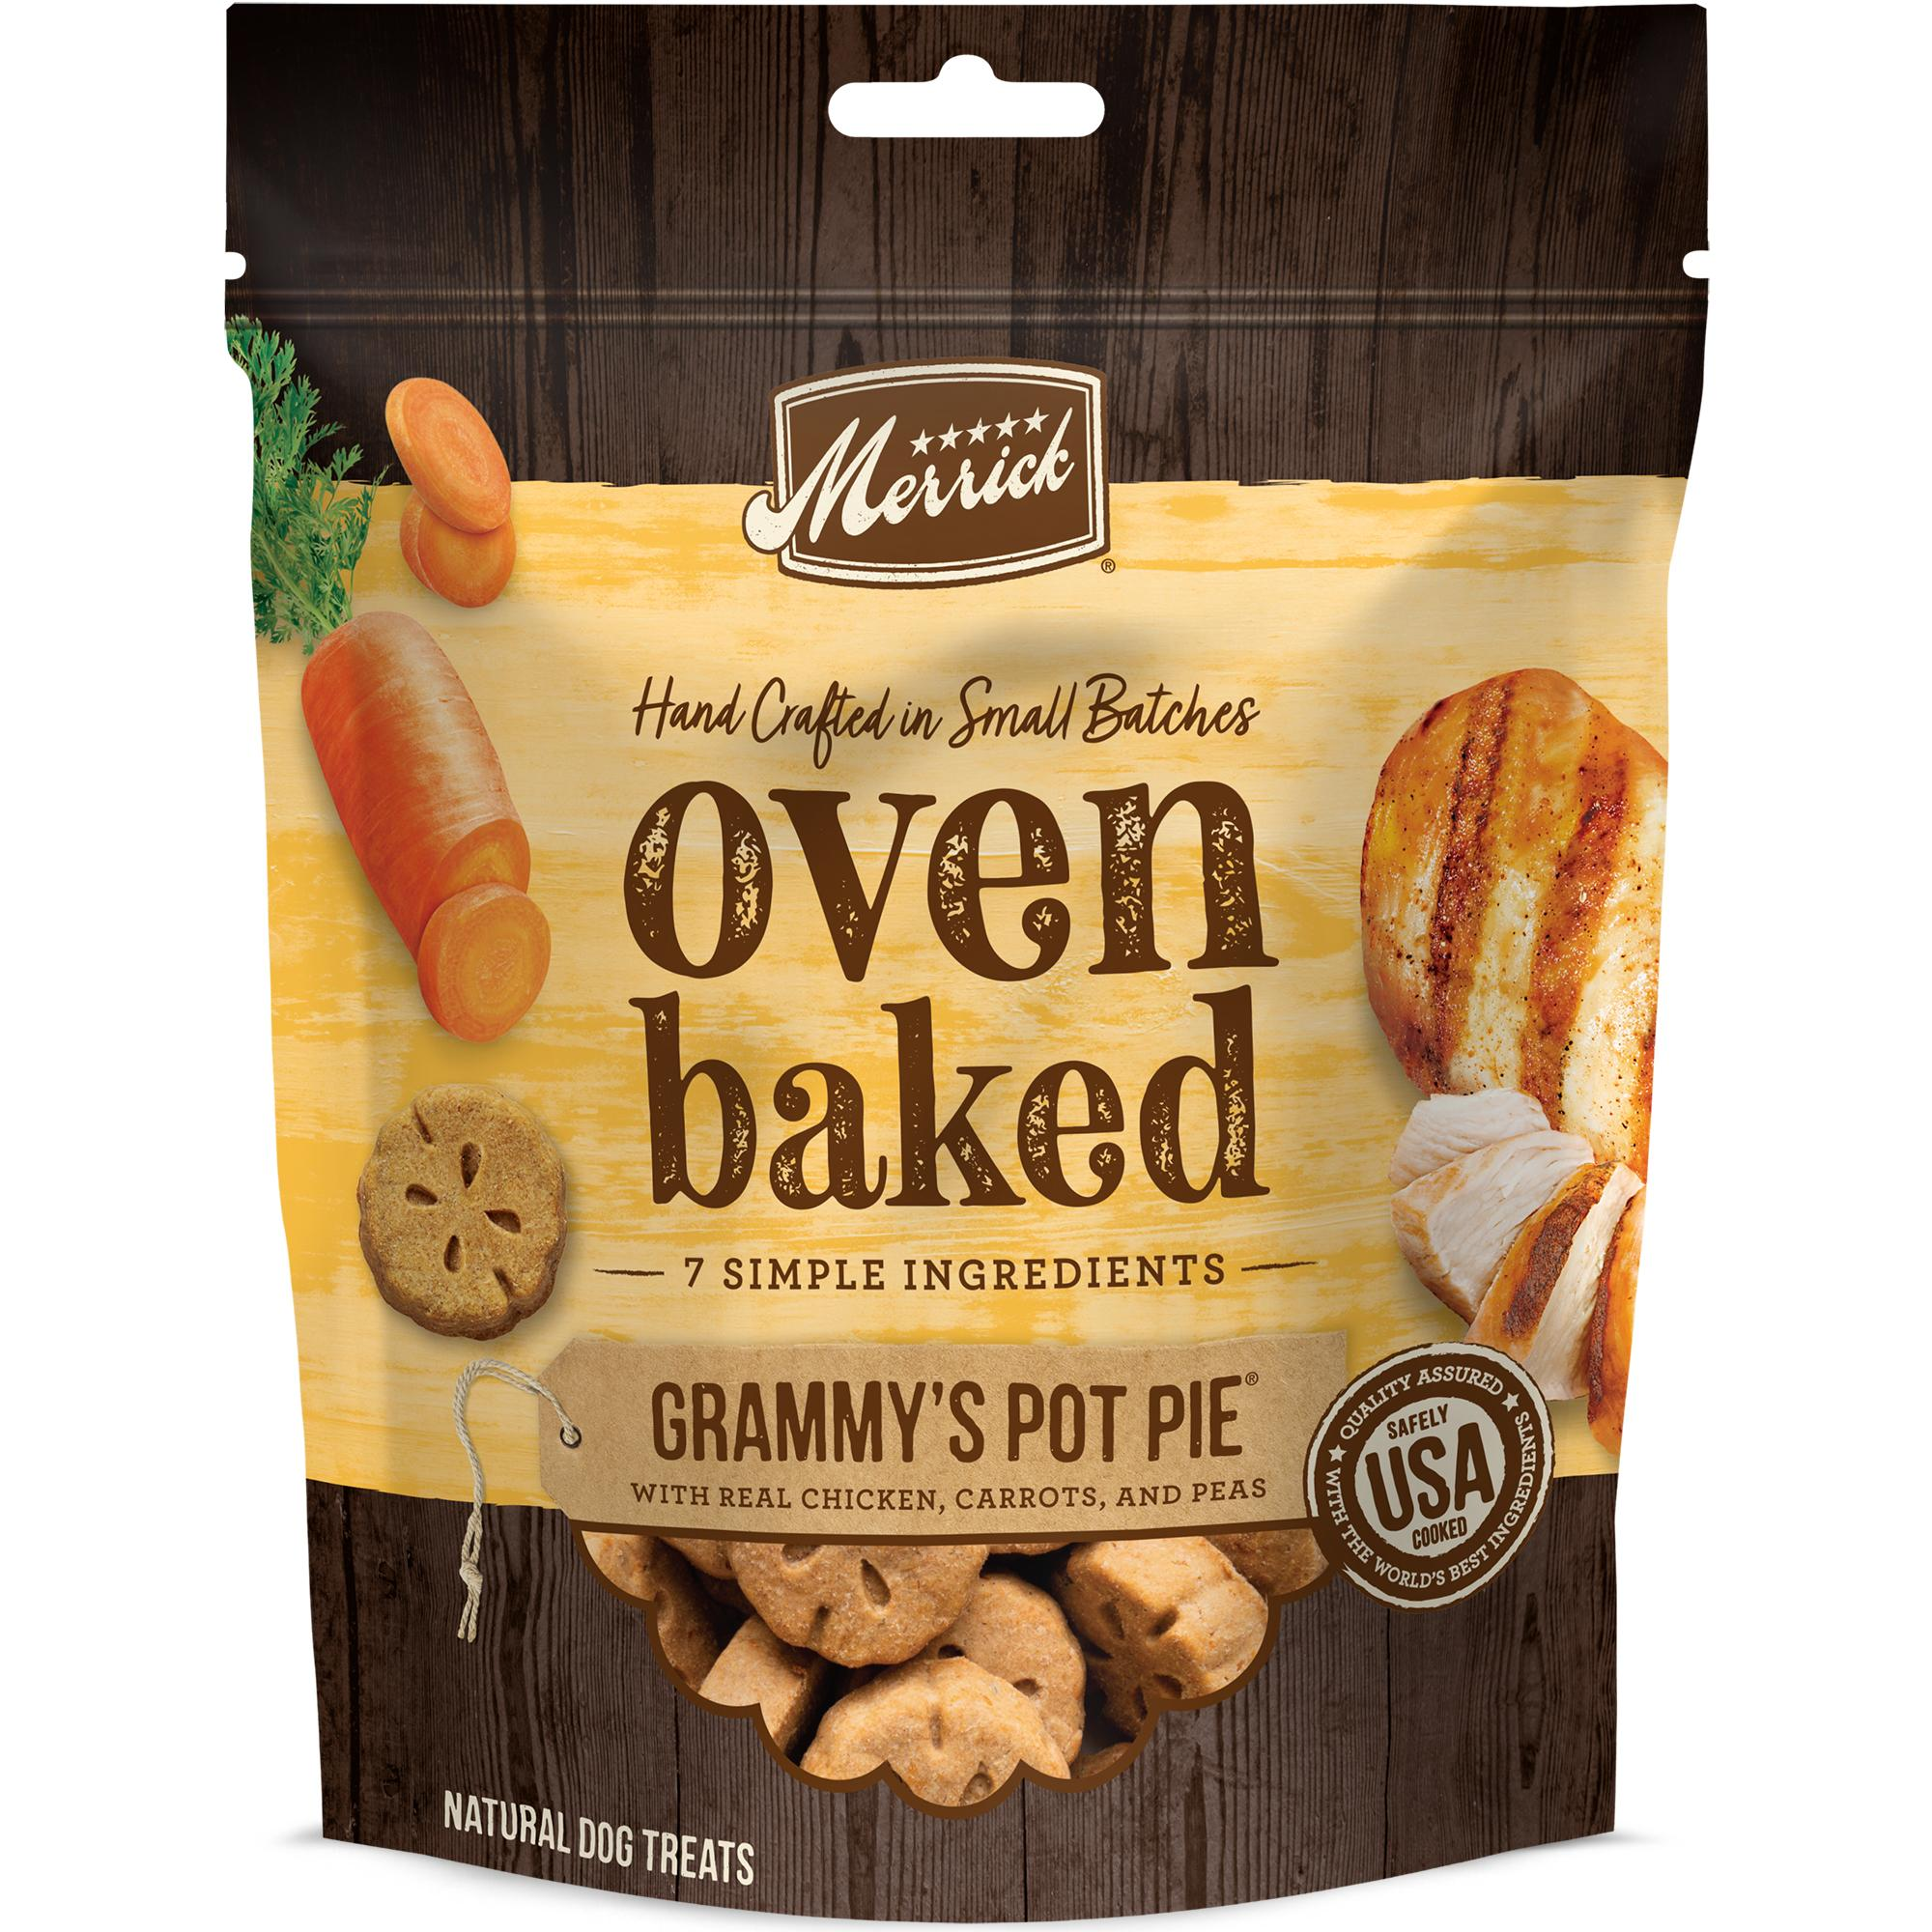 Merrick Oven Baked Grammy's Pot Pie Dog Treats, 11-oz